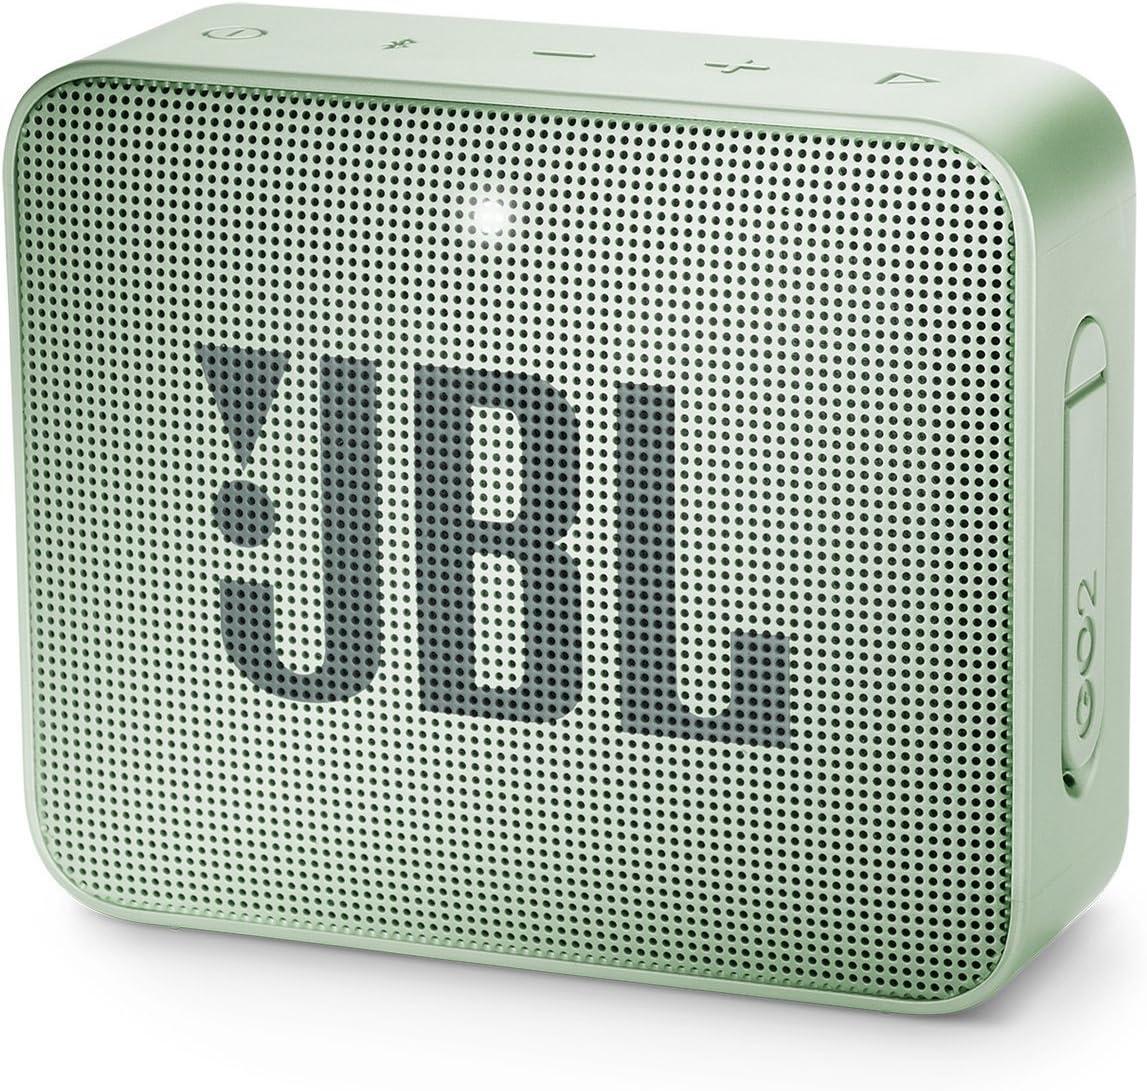 JBLJBLGO2GMT Go 2 Portable Bluetooth, Mint, 4.3 x 4.5 x 1.5